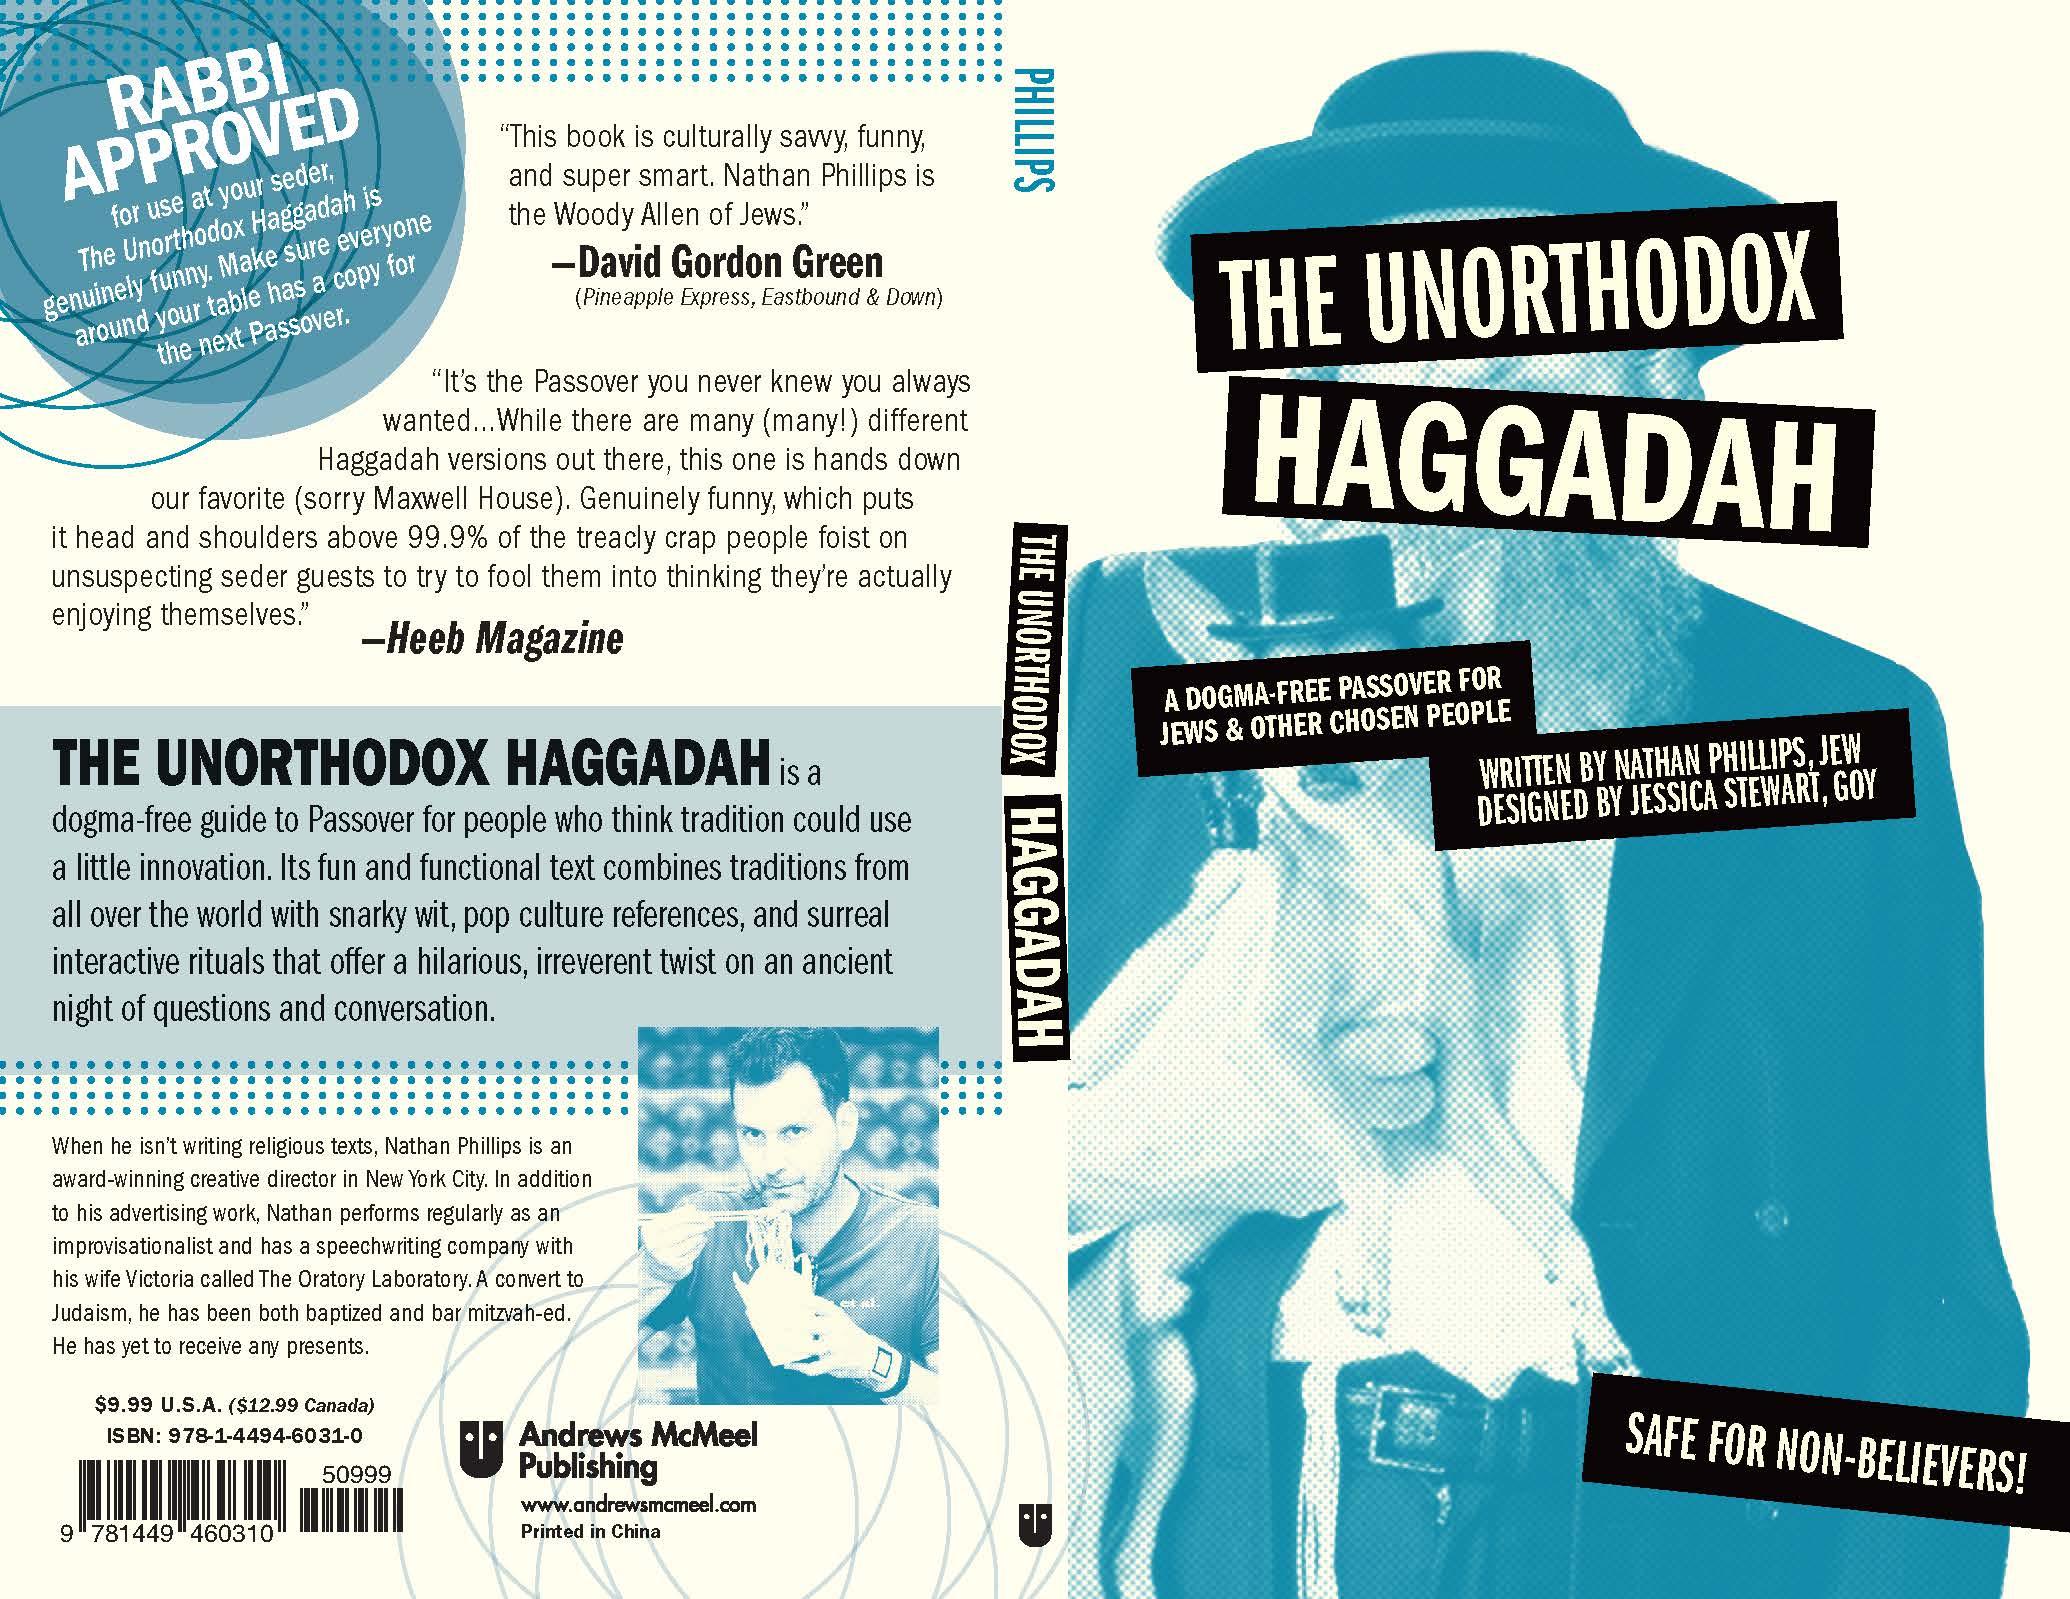 HAGGADAH_CoverMech.jpg